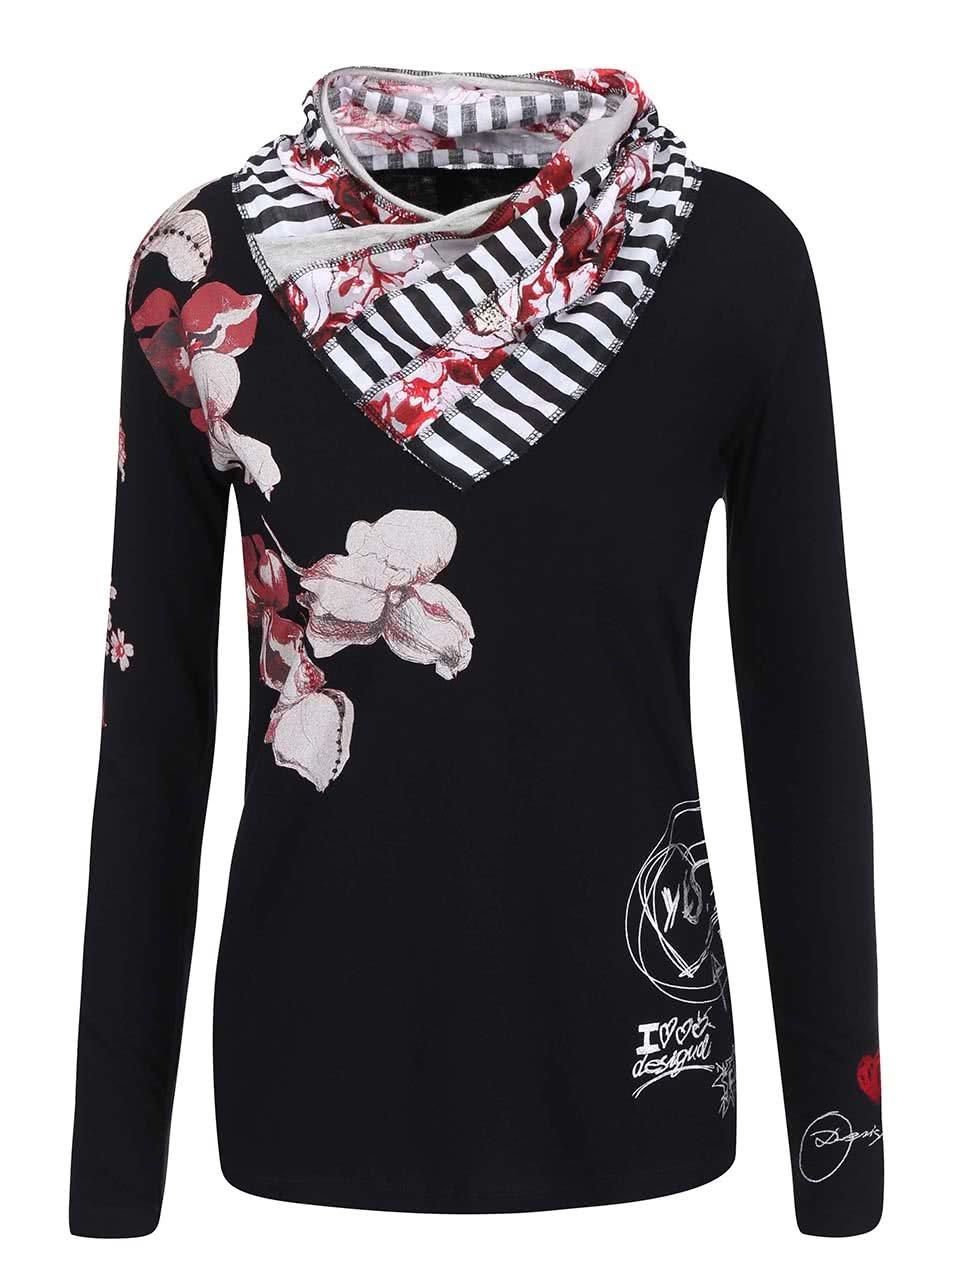 Černé vzorované tričko s rolákem Desigual Laura ... 4a6782d0954